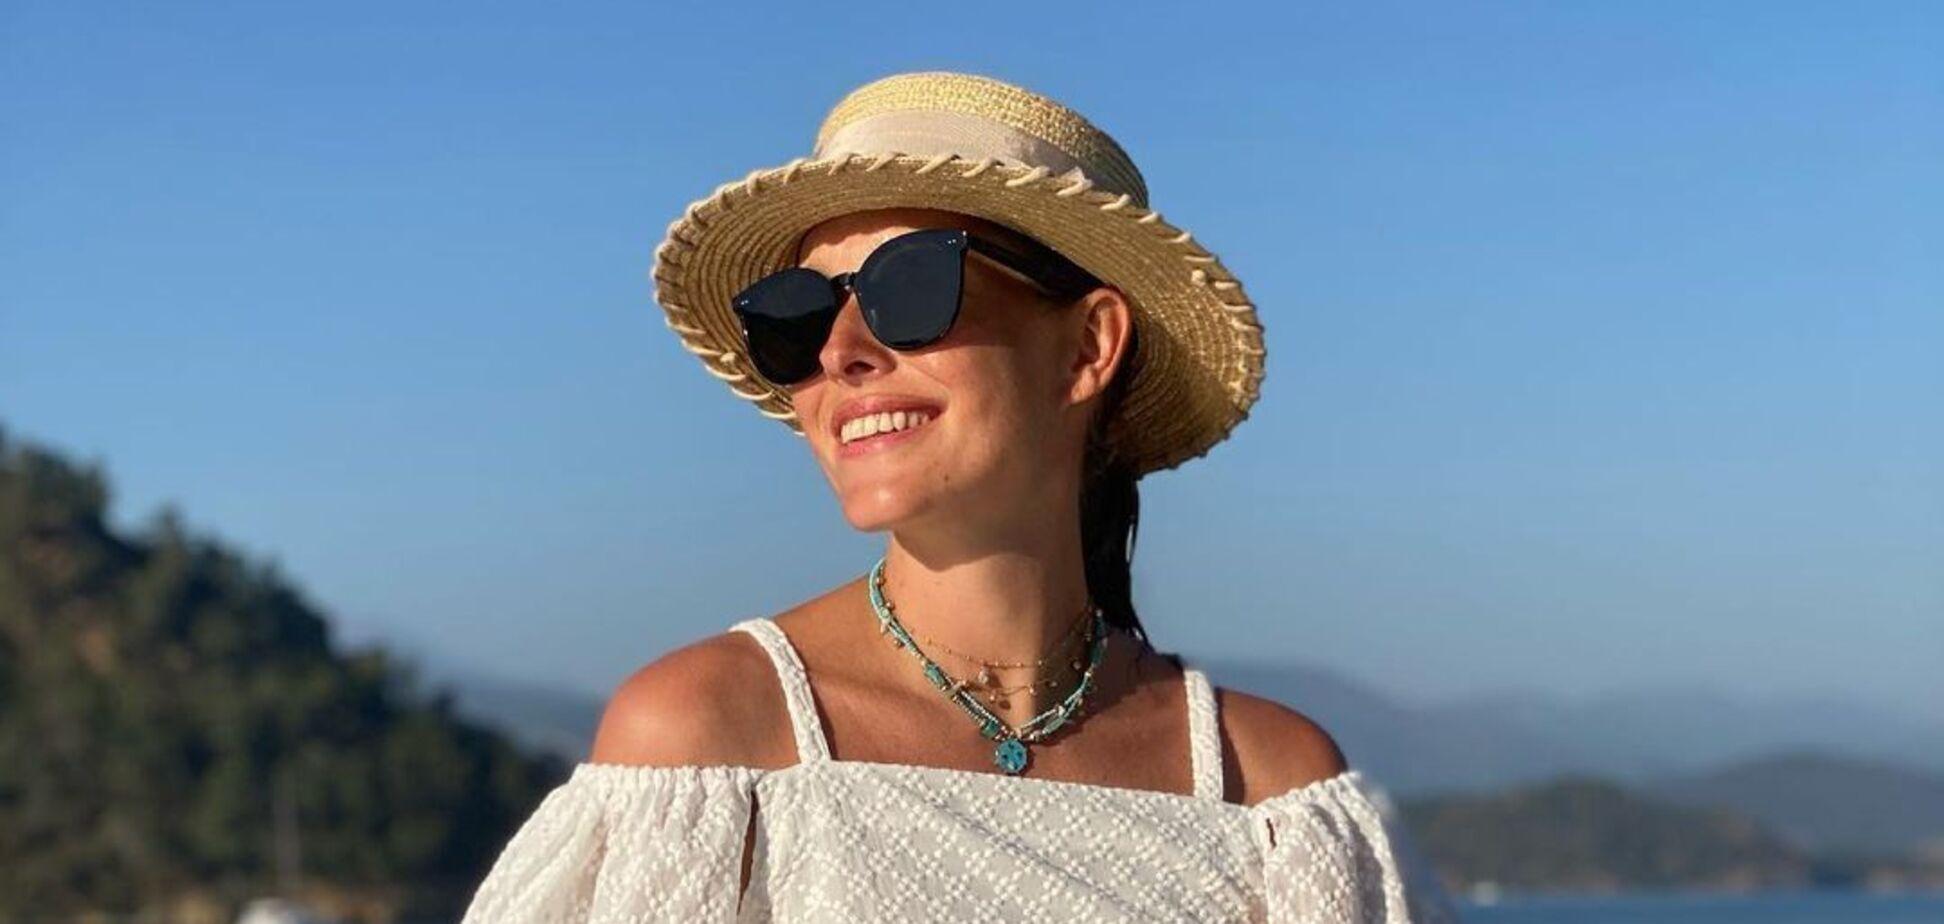 Українська телеведуча Катерина Осадча позувала в купальнику